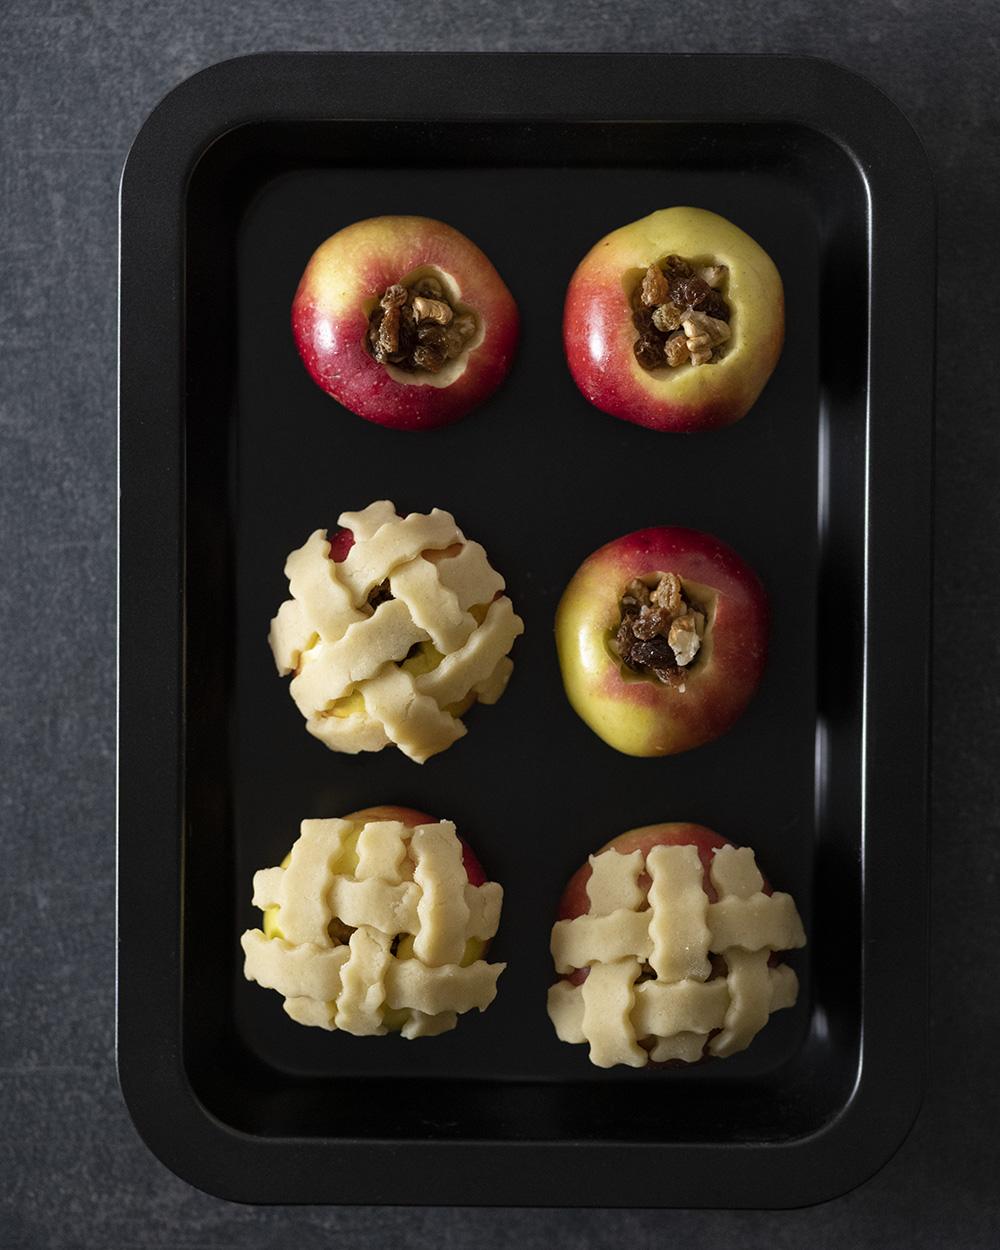 Sechs Äpfel liegen vor dem Backen in einer Backform. Drei tragen bereits eine Haube aus Mürbeteig.